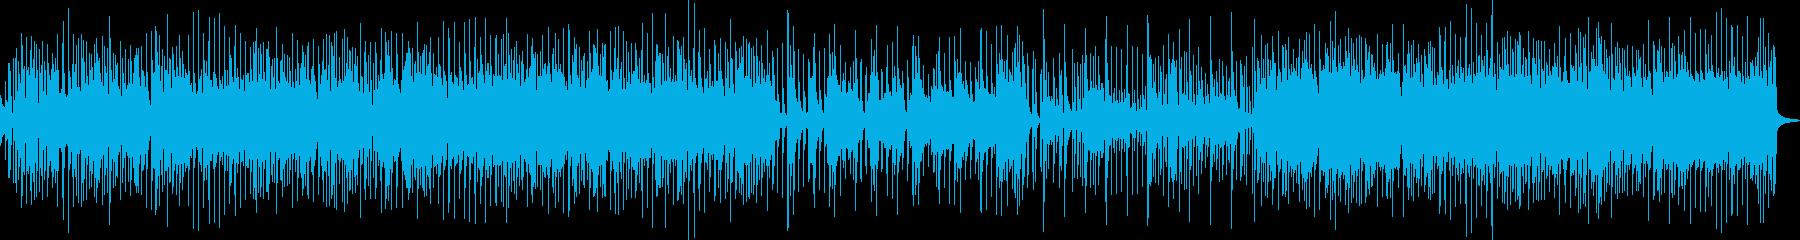 軽快なリズムのギターロックの再生済みの波形